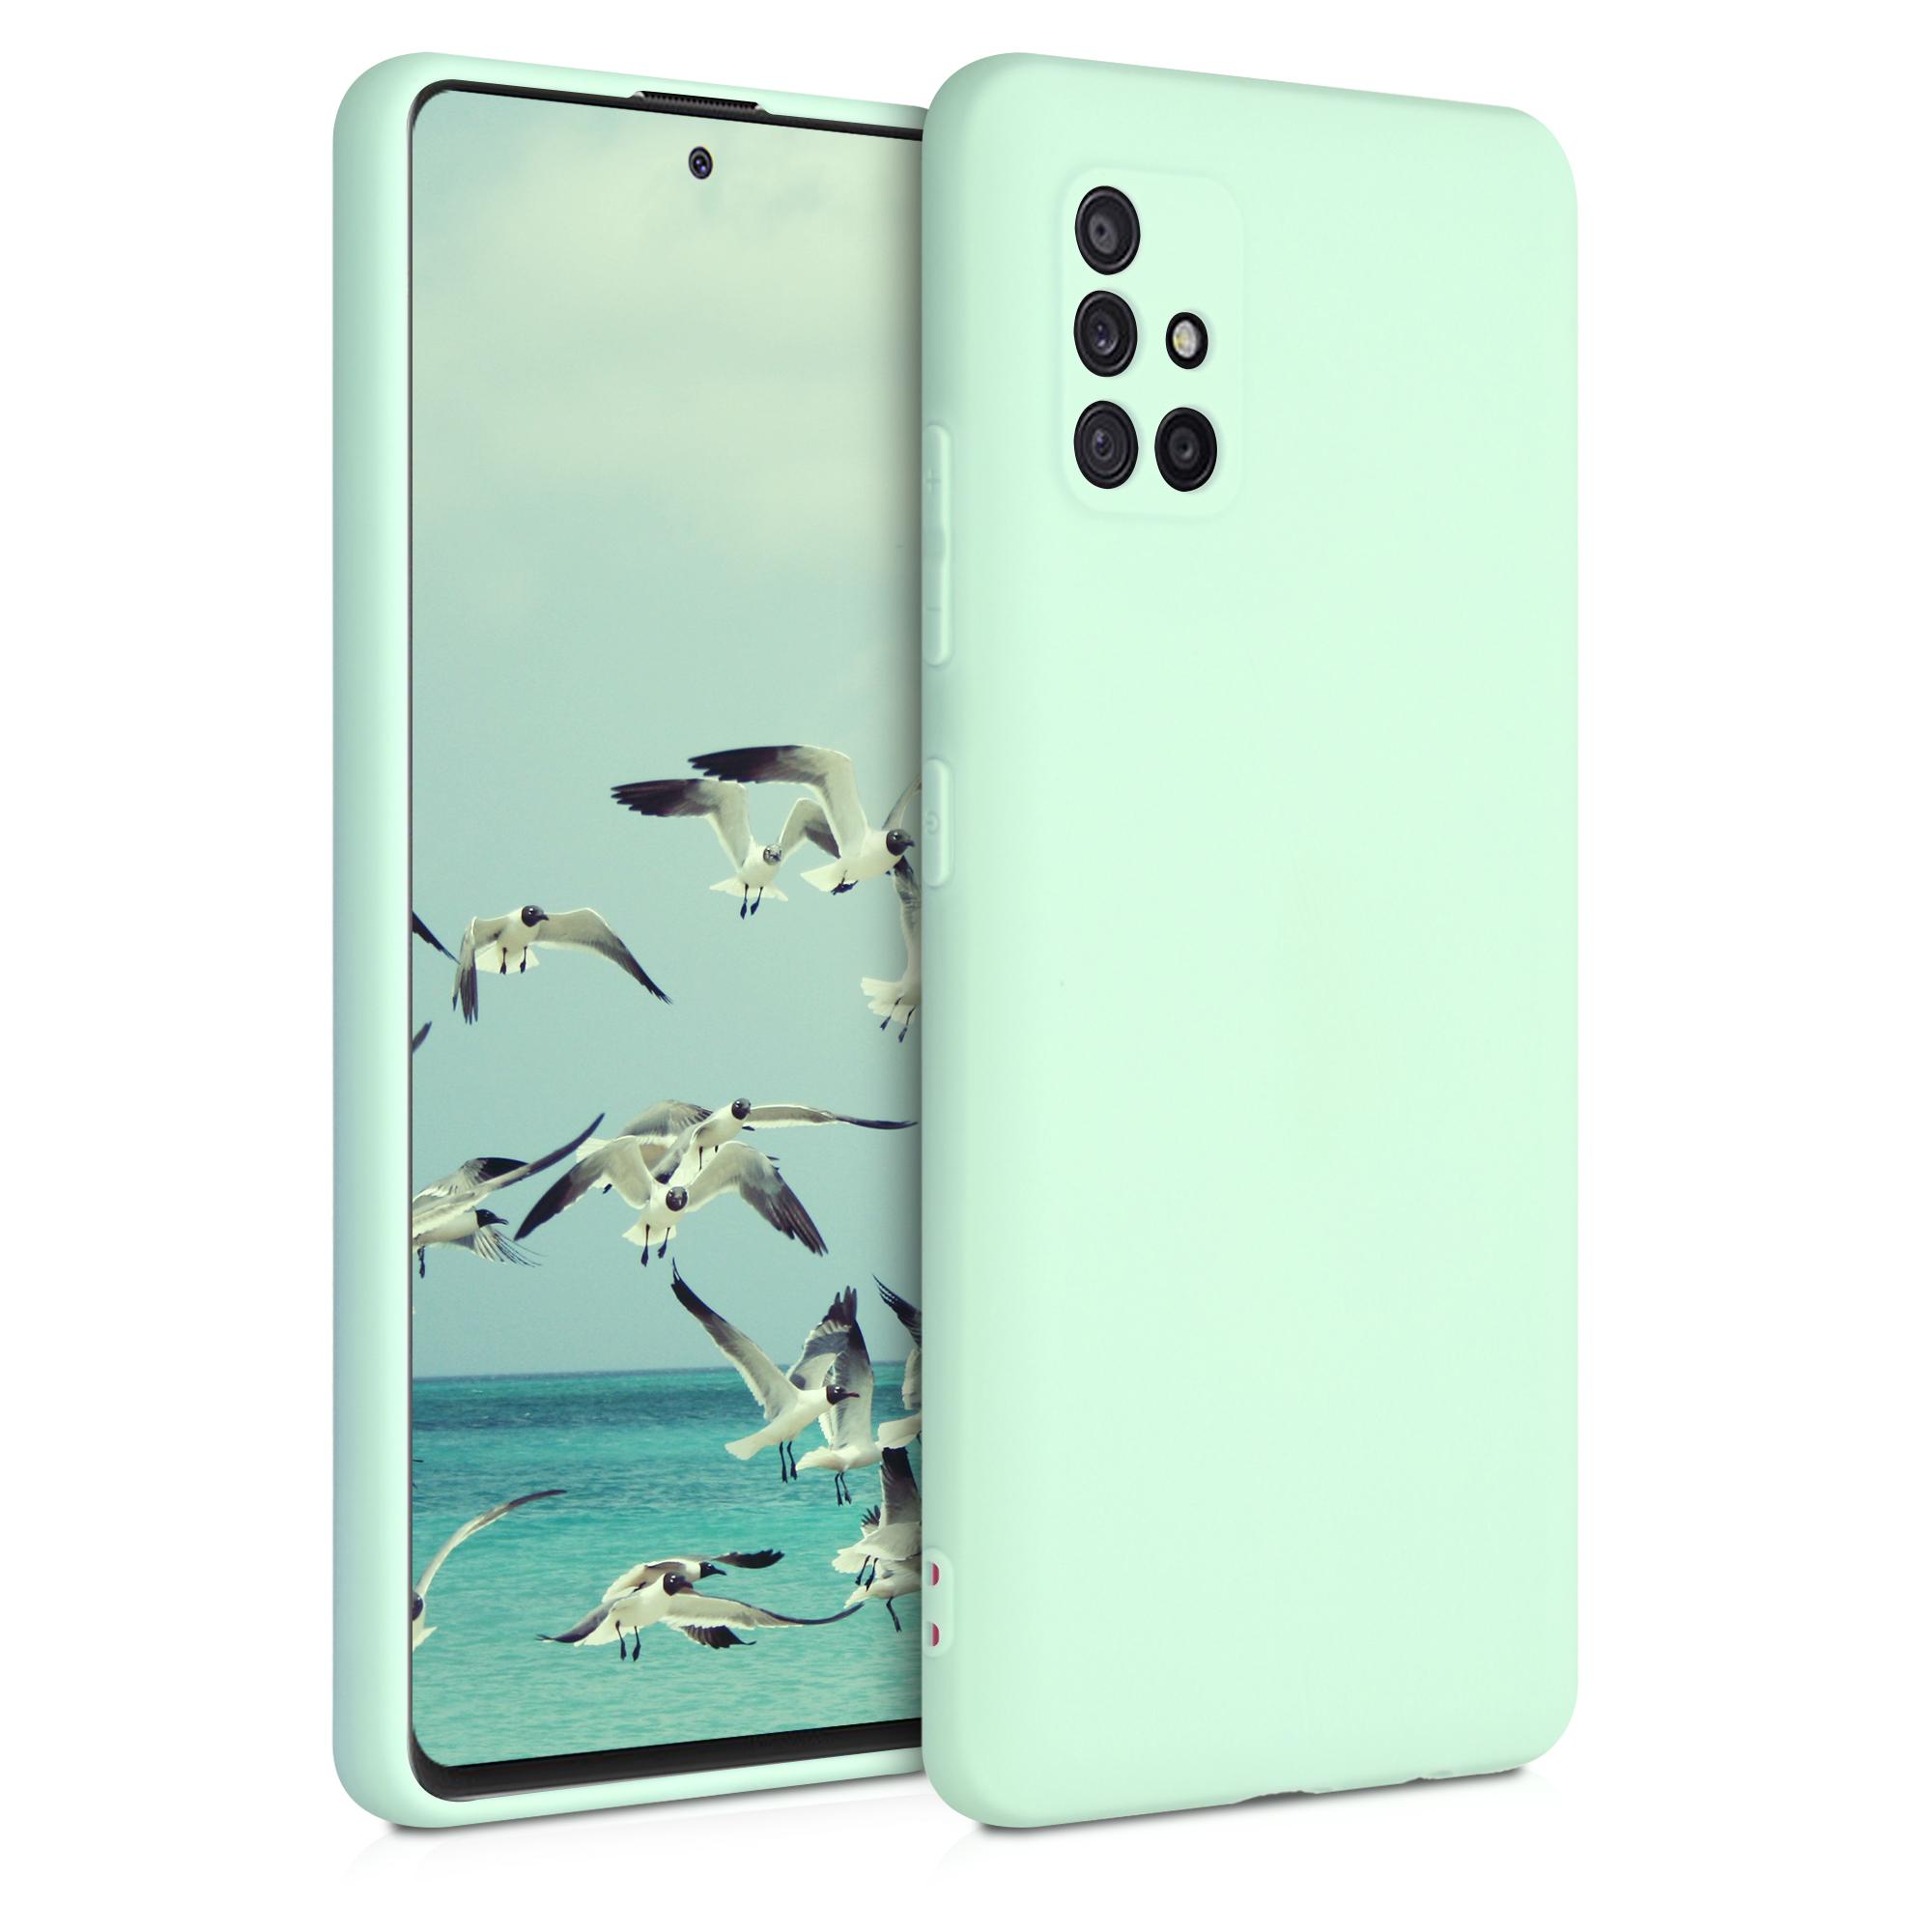 Kvalitní silikonové TPU pouzdro pro Samsung A51 5G - mint zelené matné